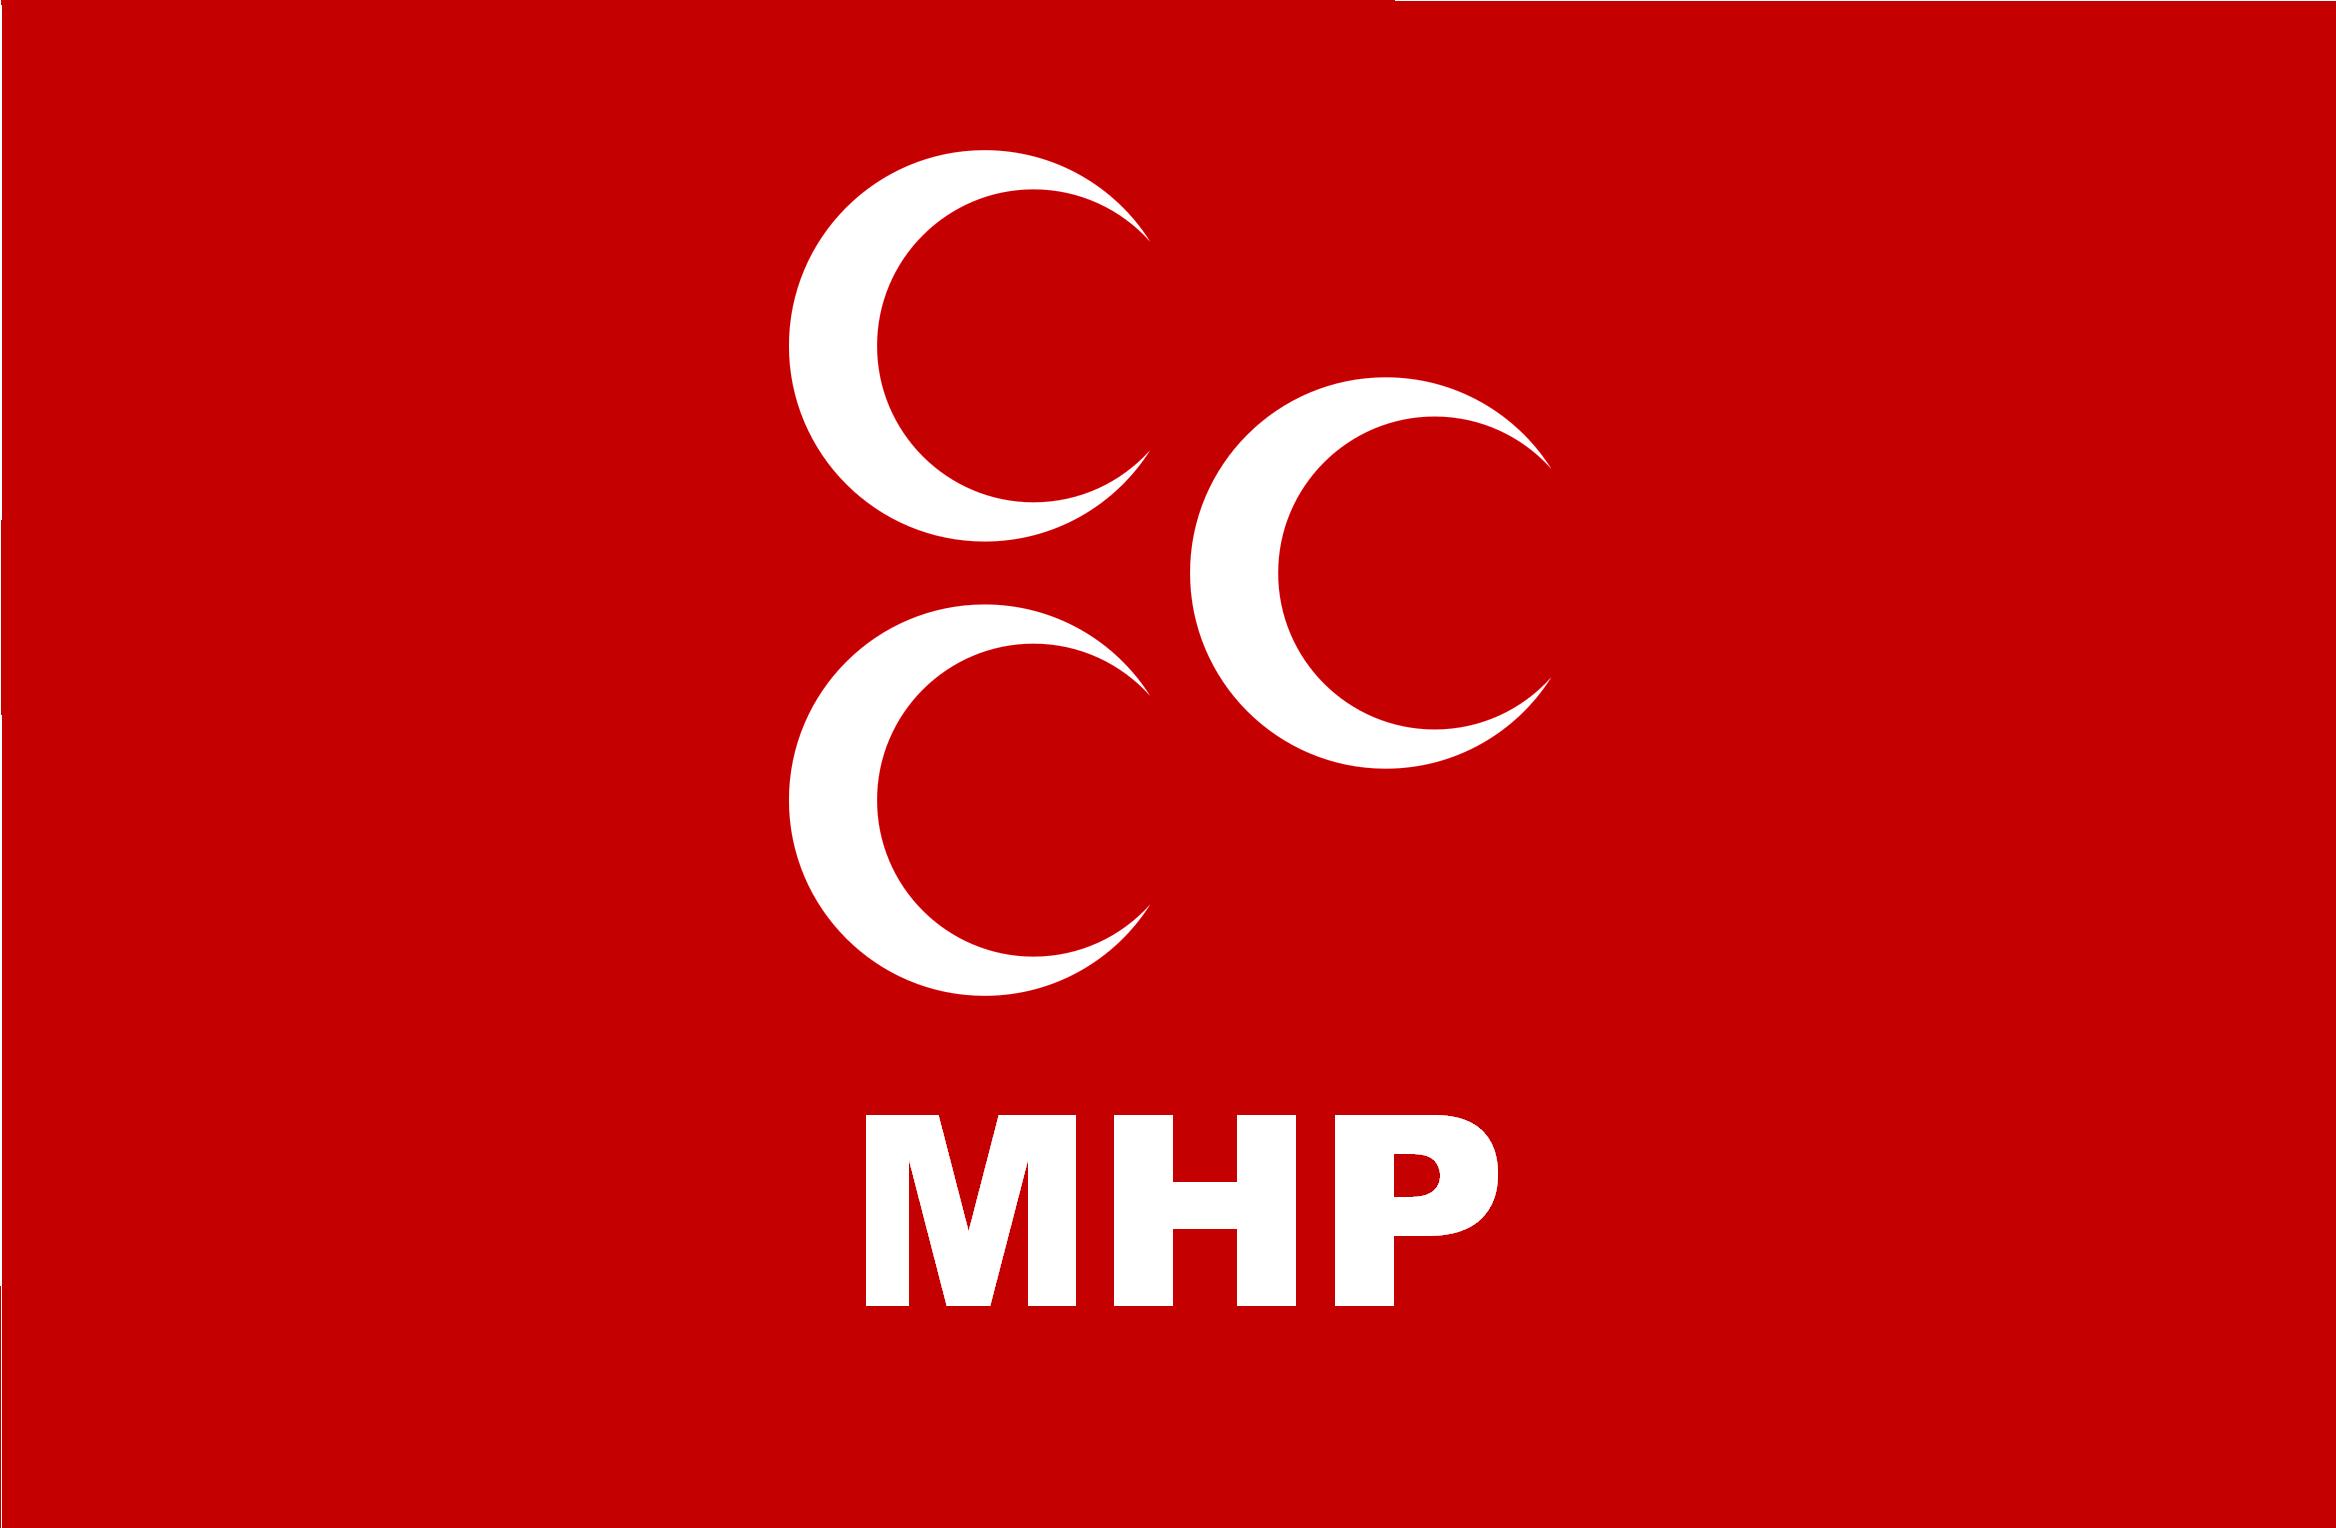 ESKİ BAŞKANA MHP'LİLERDEN TEPKİ GELDİ